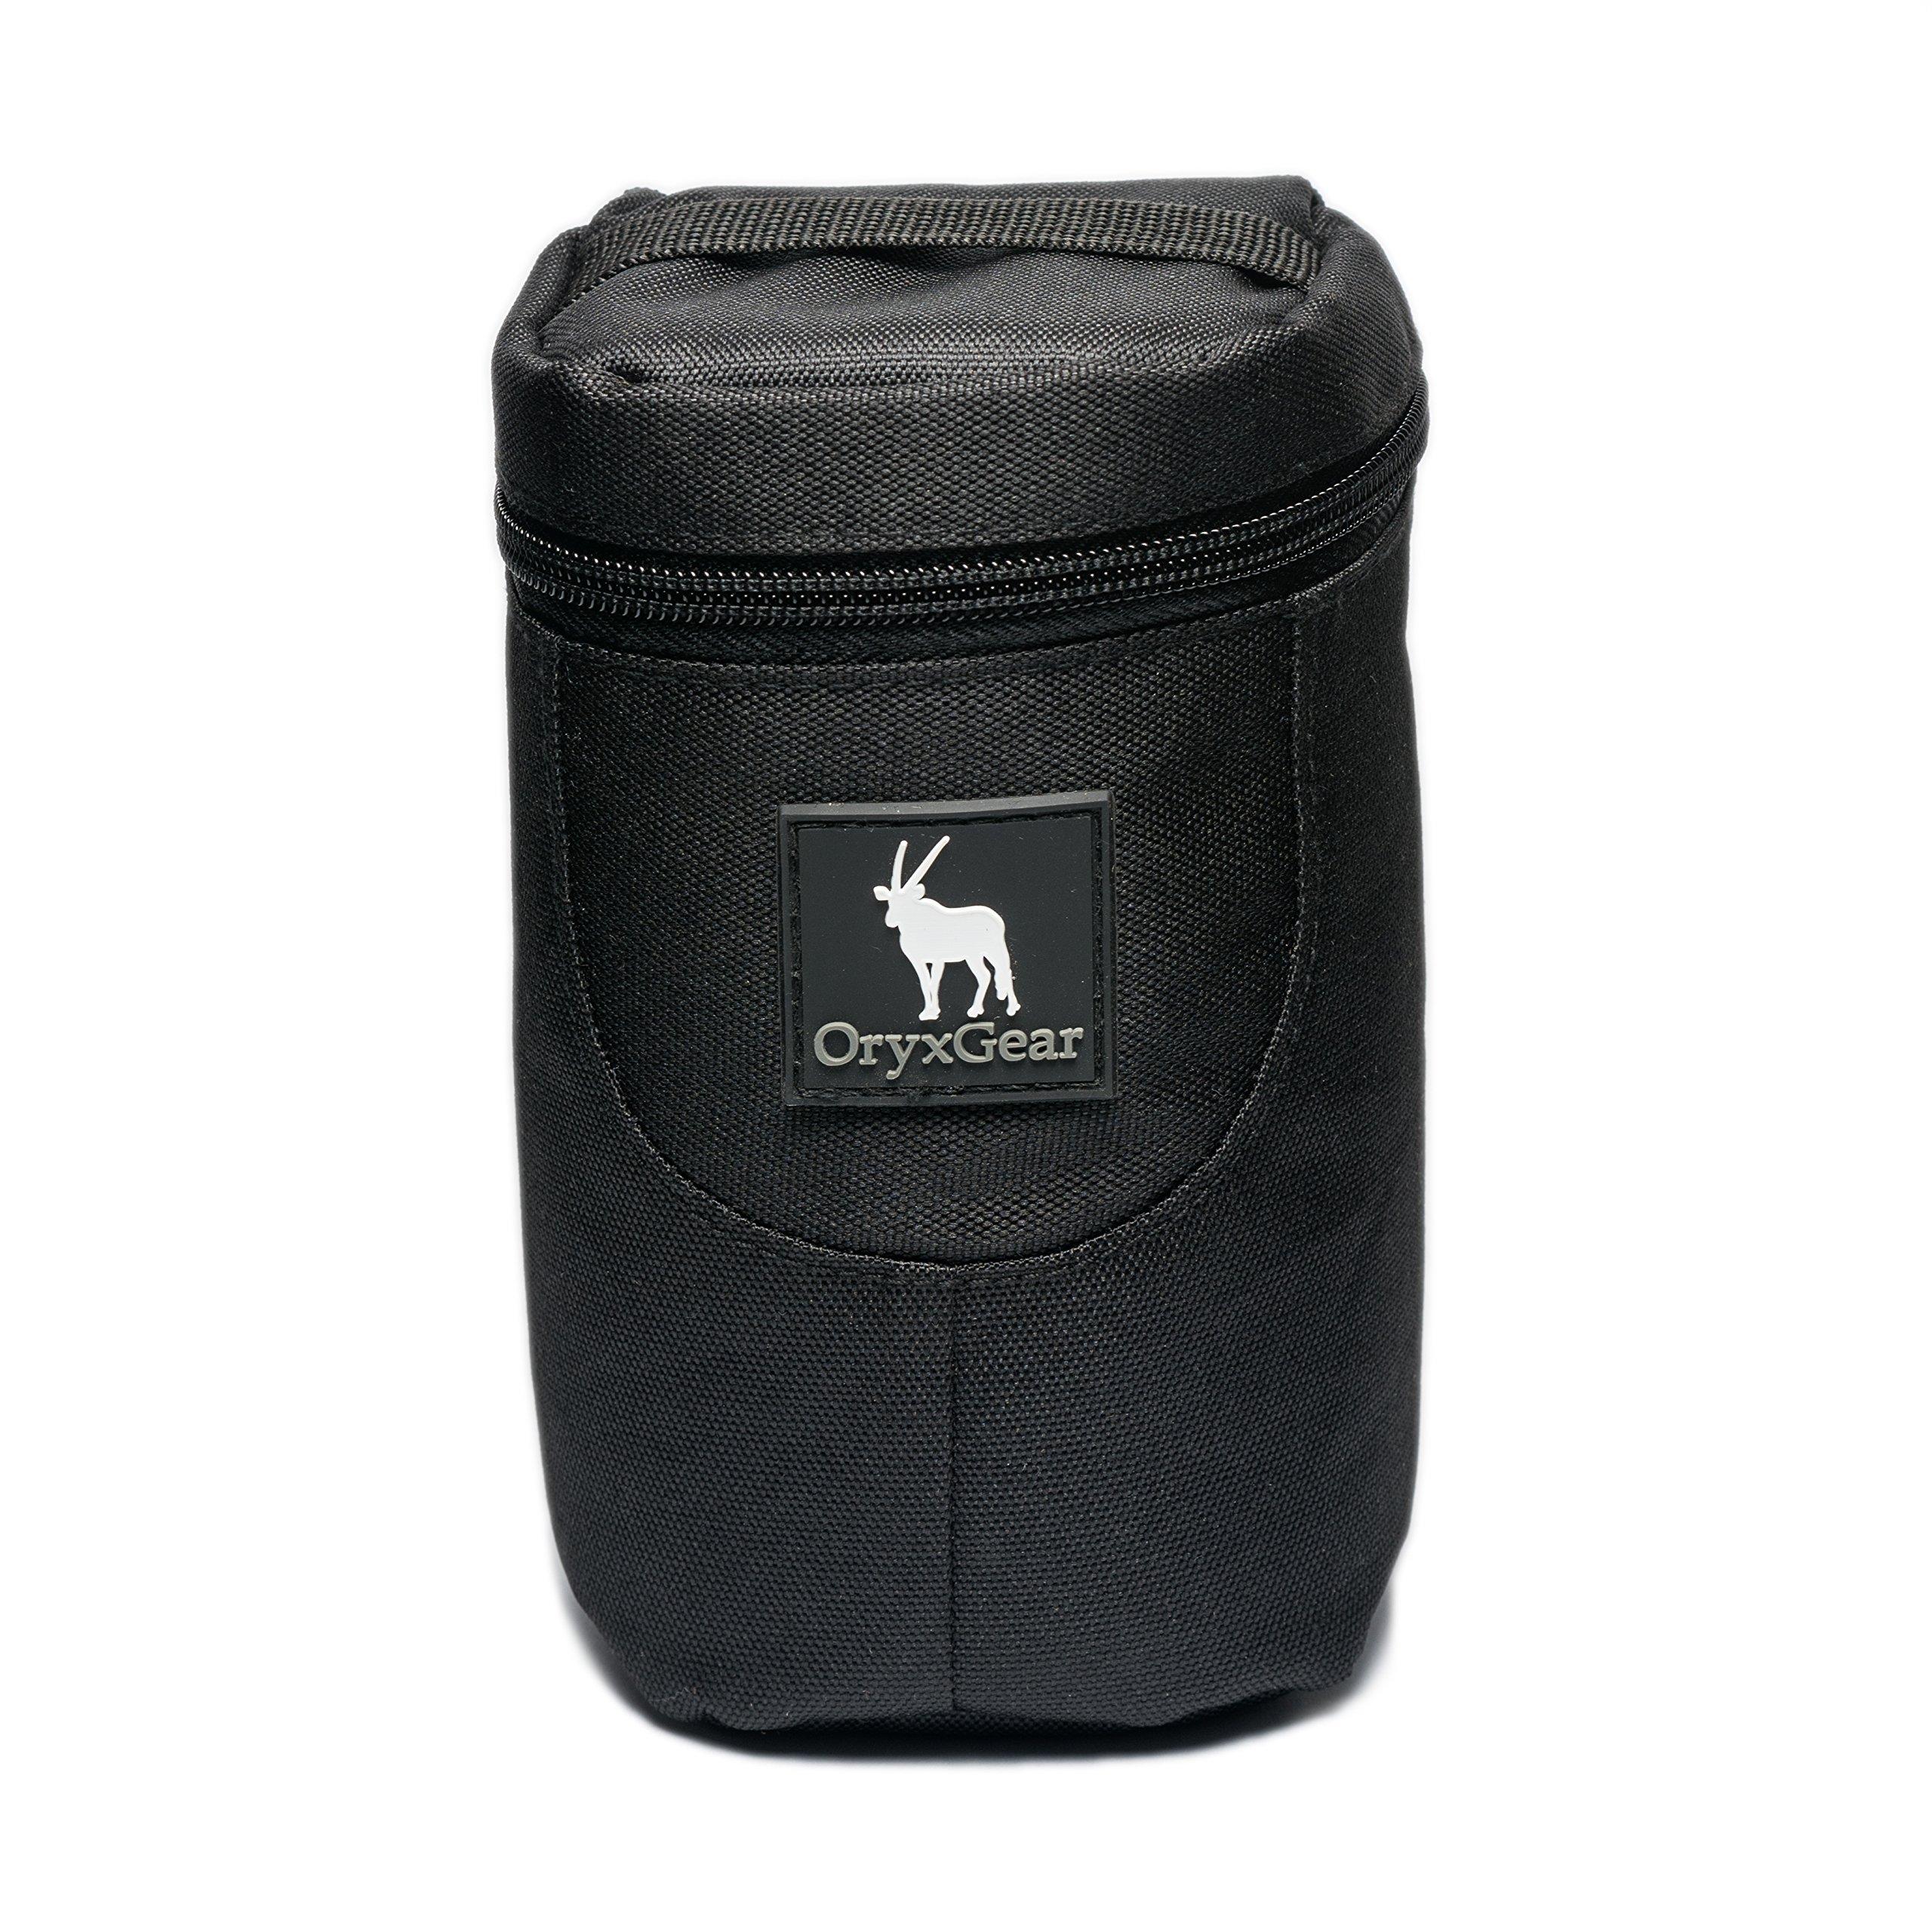 Oryx Gear DSLR Lens Pouch (Large) by Oryx Gear